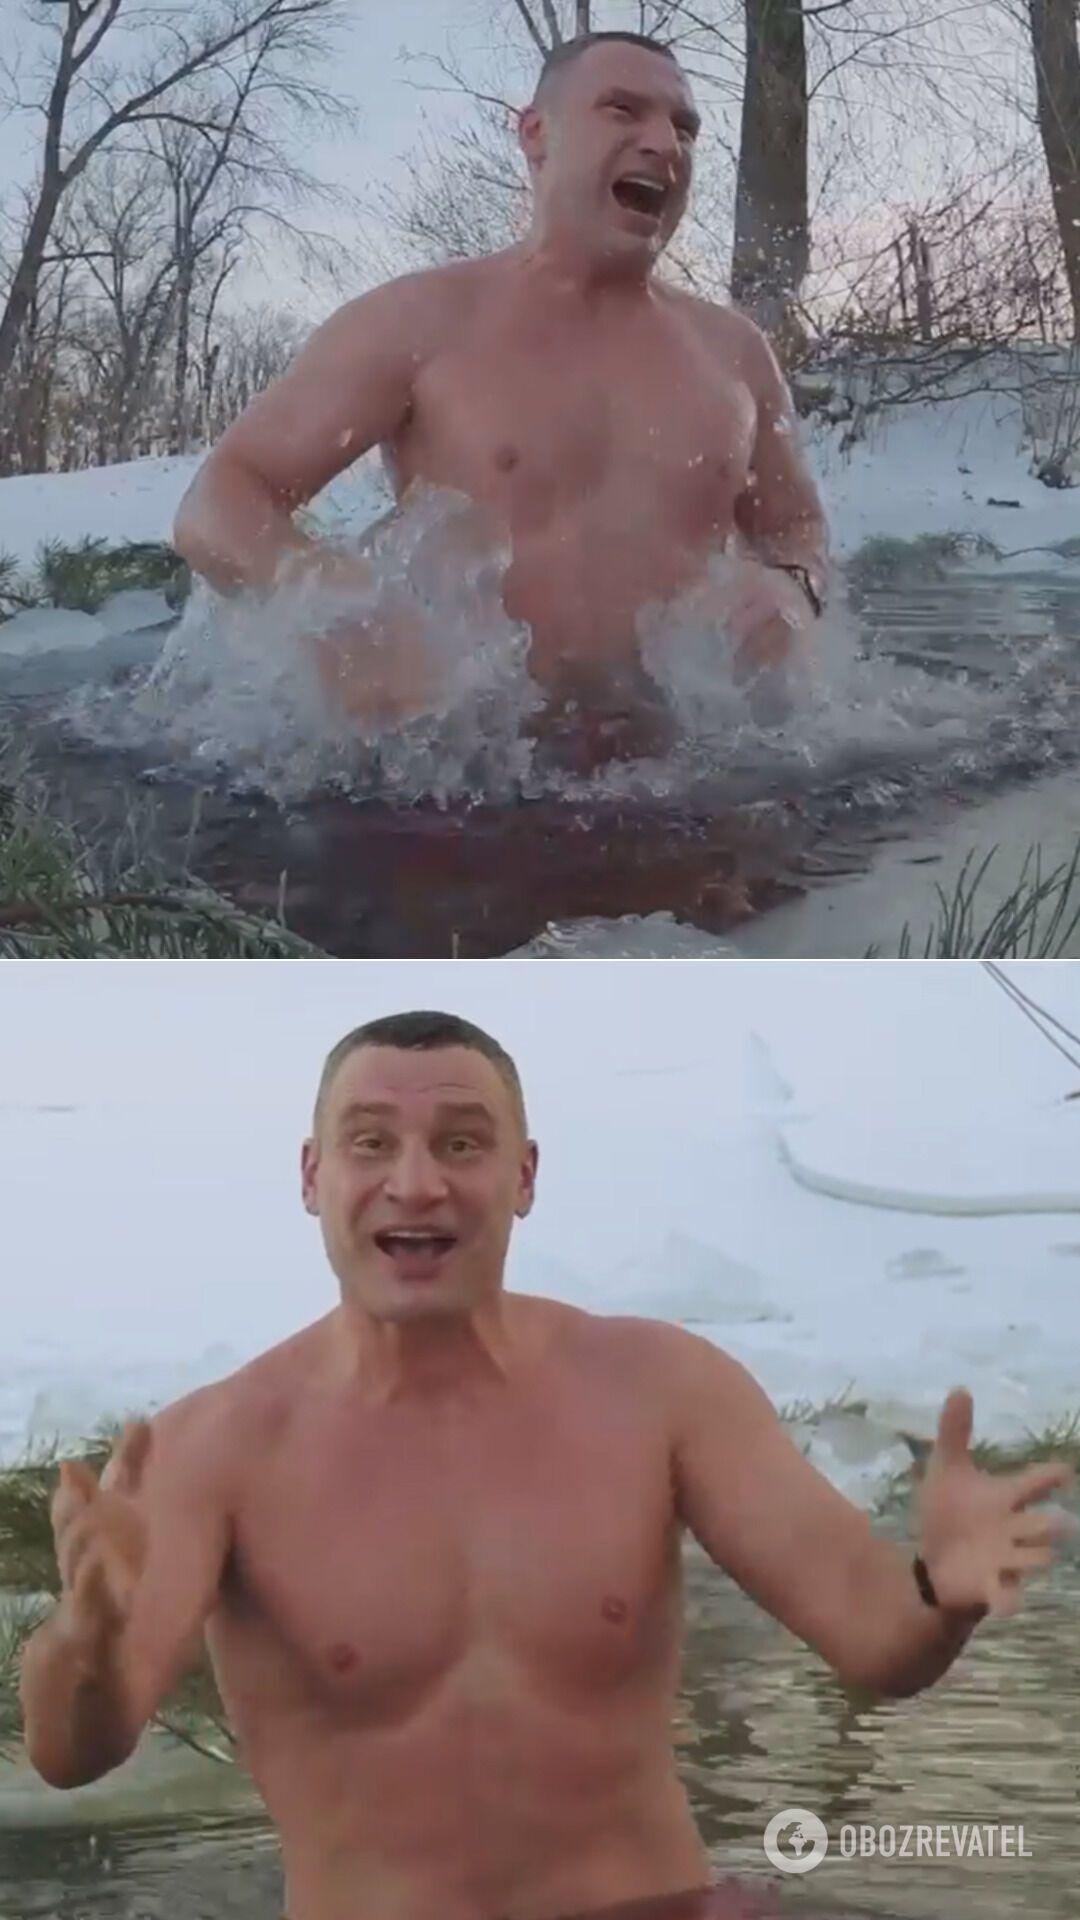 Кличко пірнув у ополонку в затоці біля парку Дружби народів у Києві